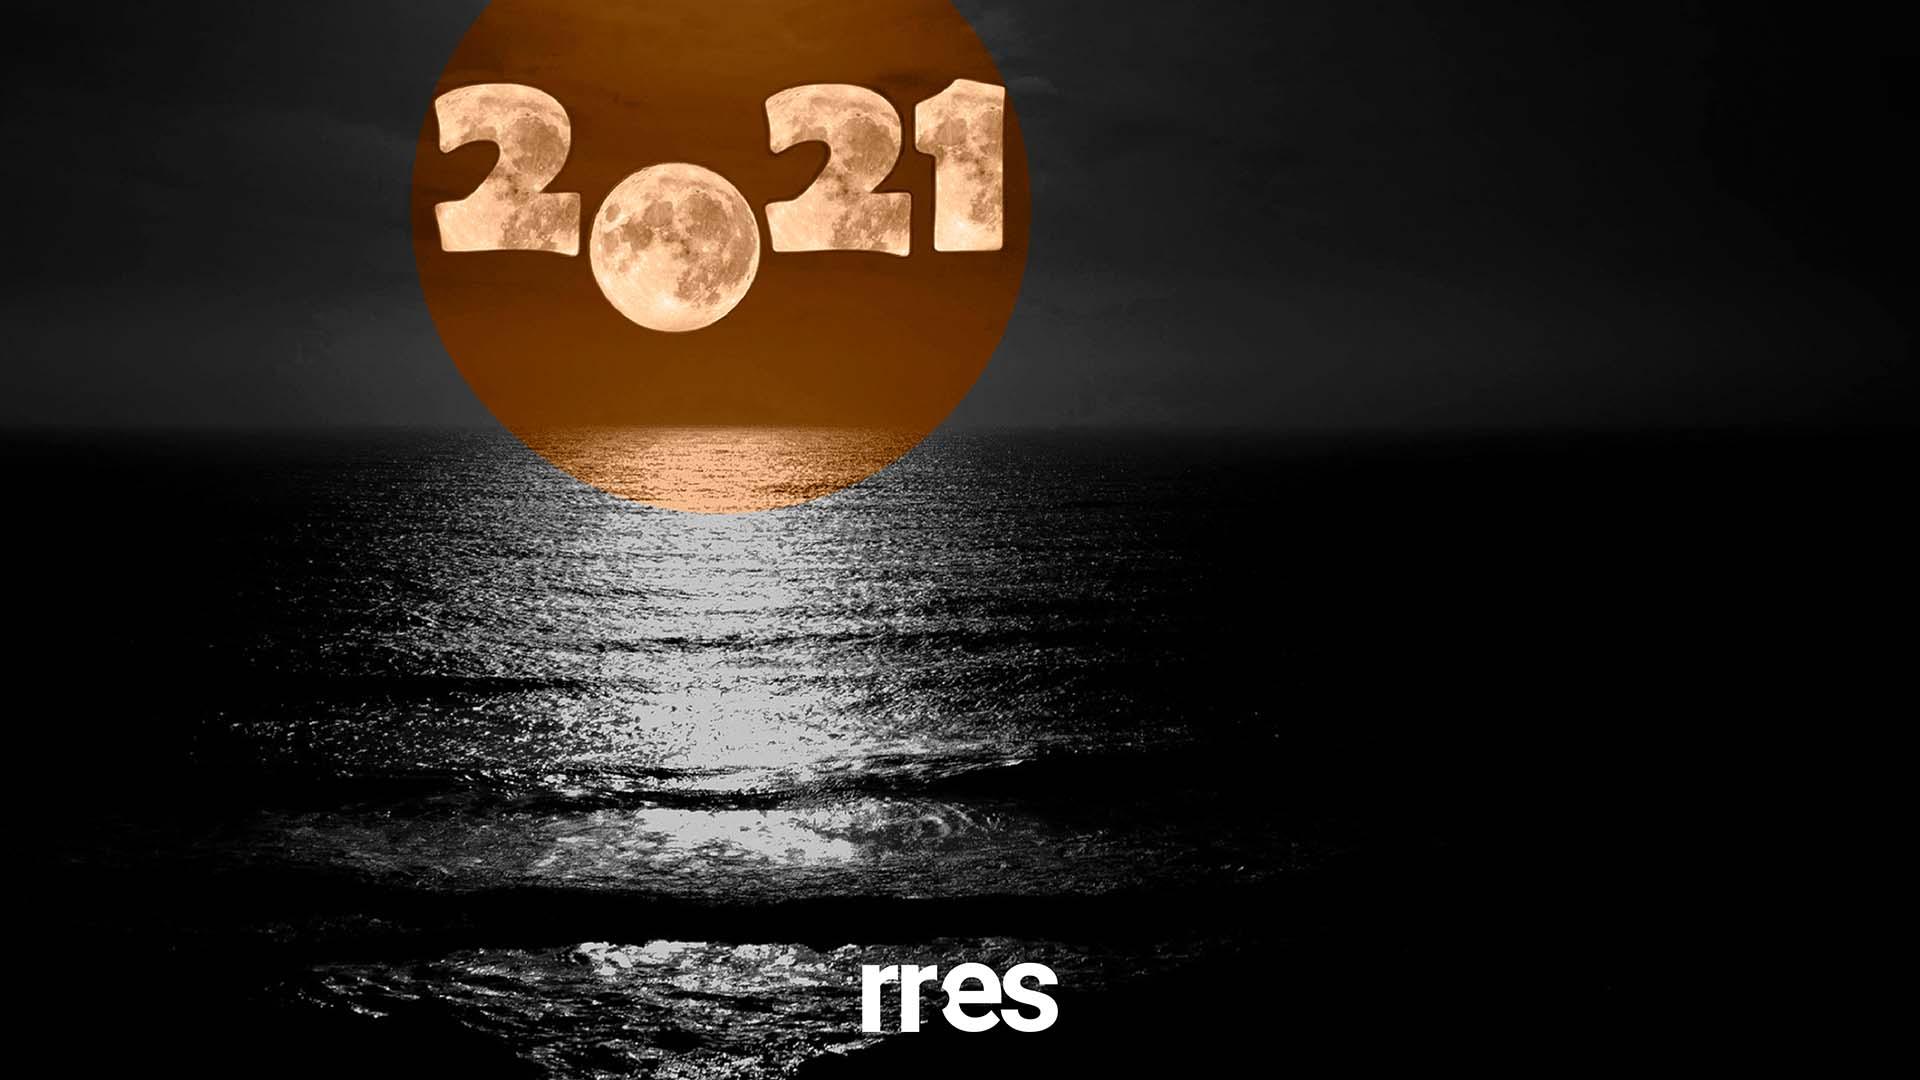 Año nuevo, ¿vida nueva?, por Armando Martini Pietri